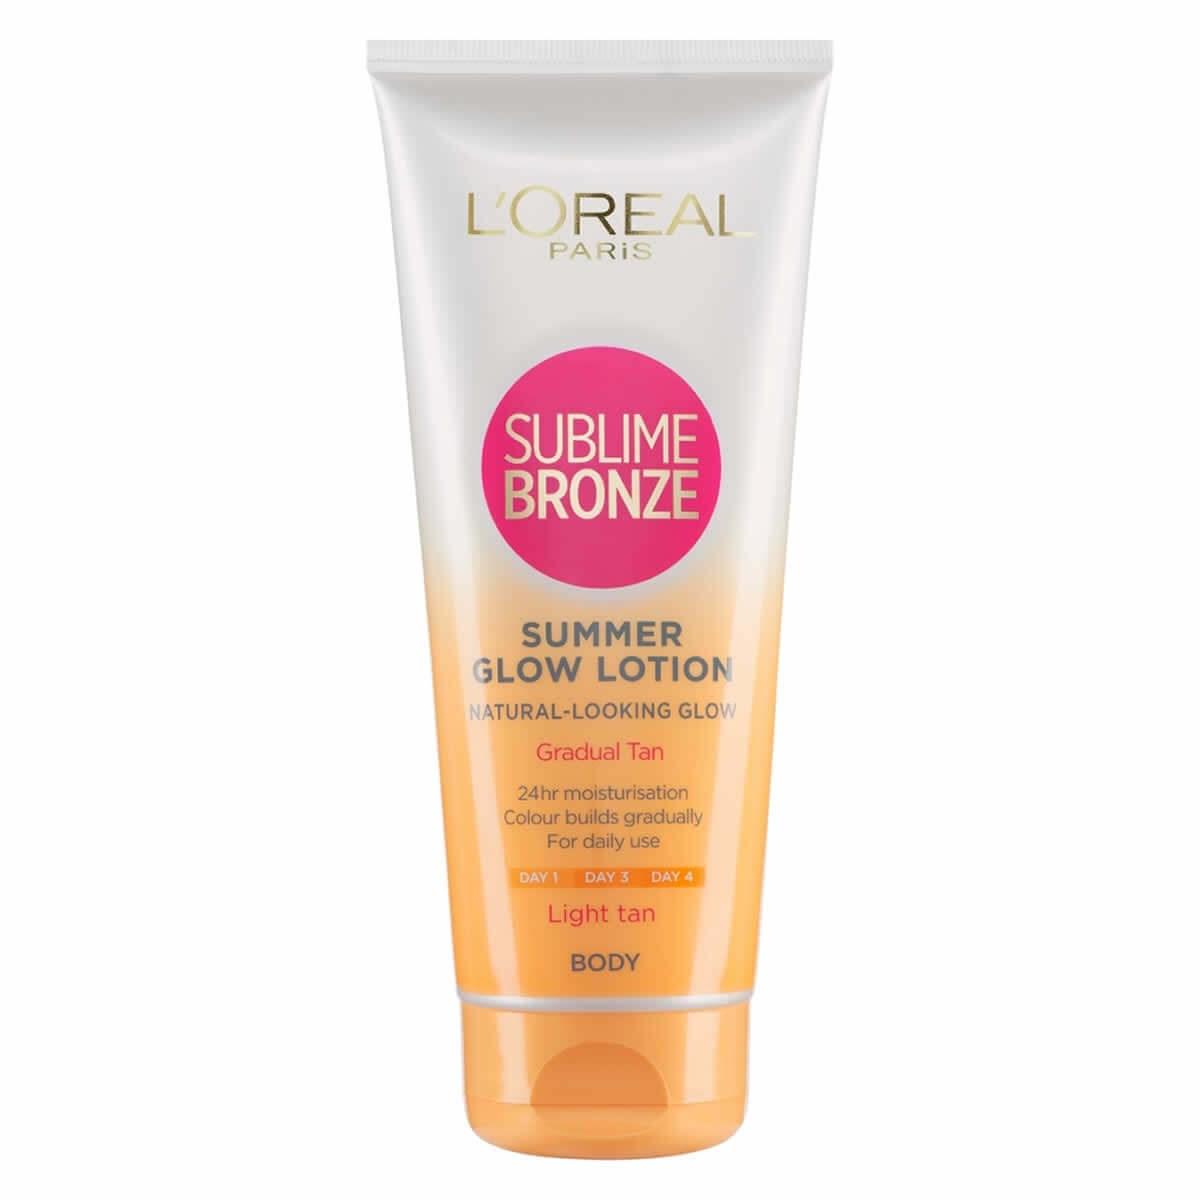 L'Oreal Paris Sublime Bronze Summer Glow Lotion - Light Tan